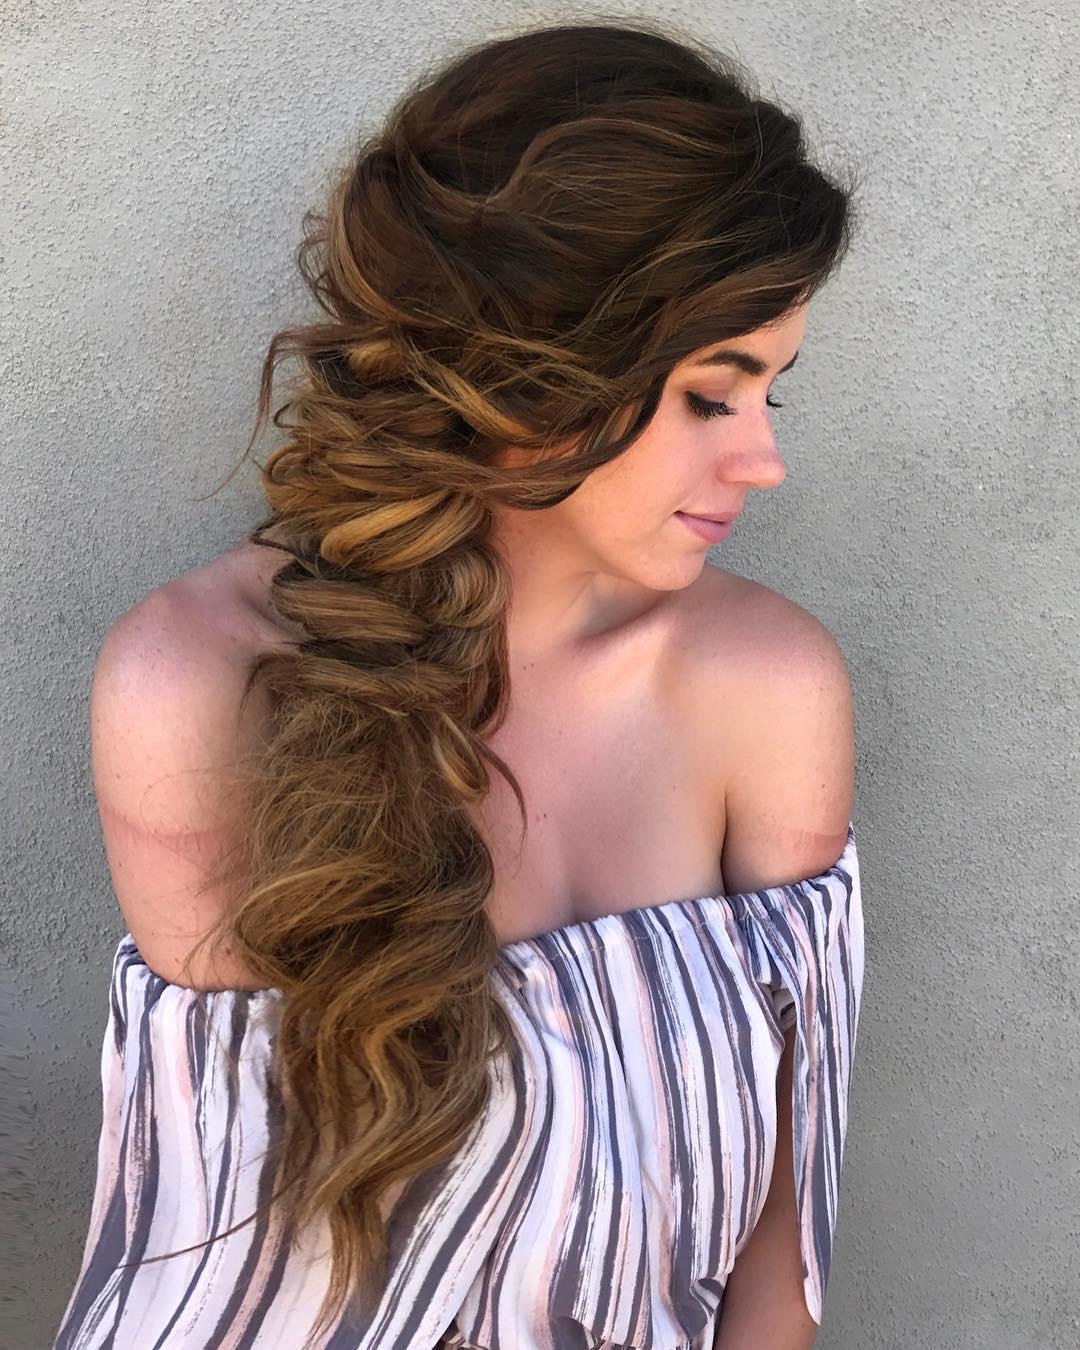 длинные волосы с косой челкой фото 1